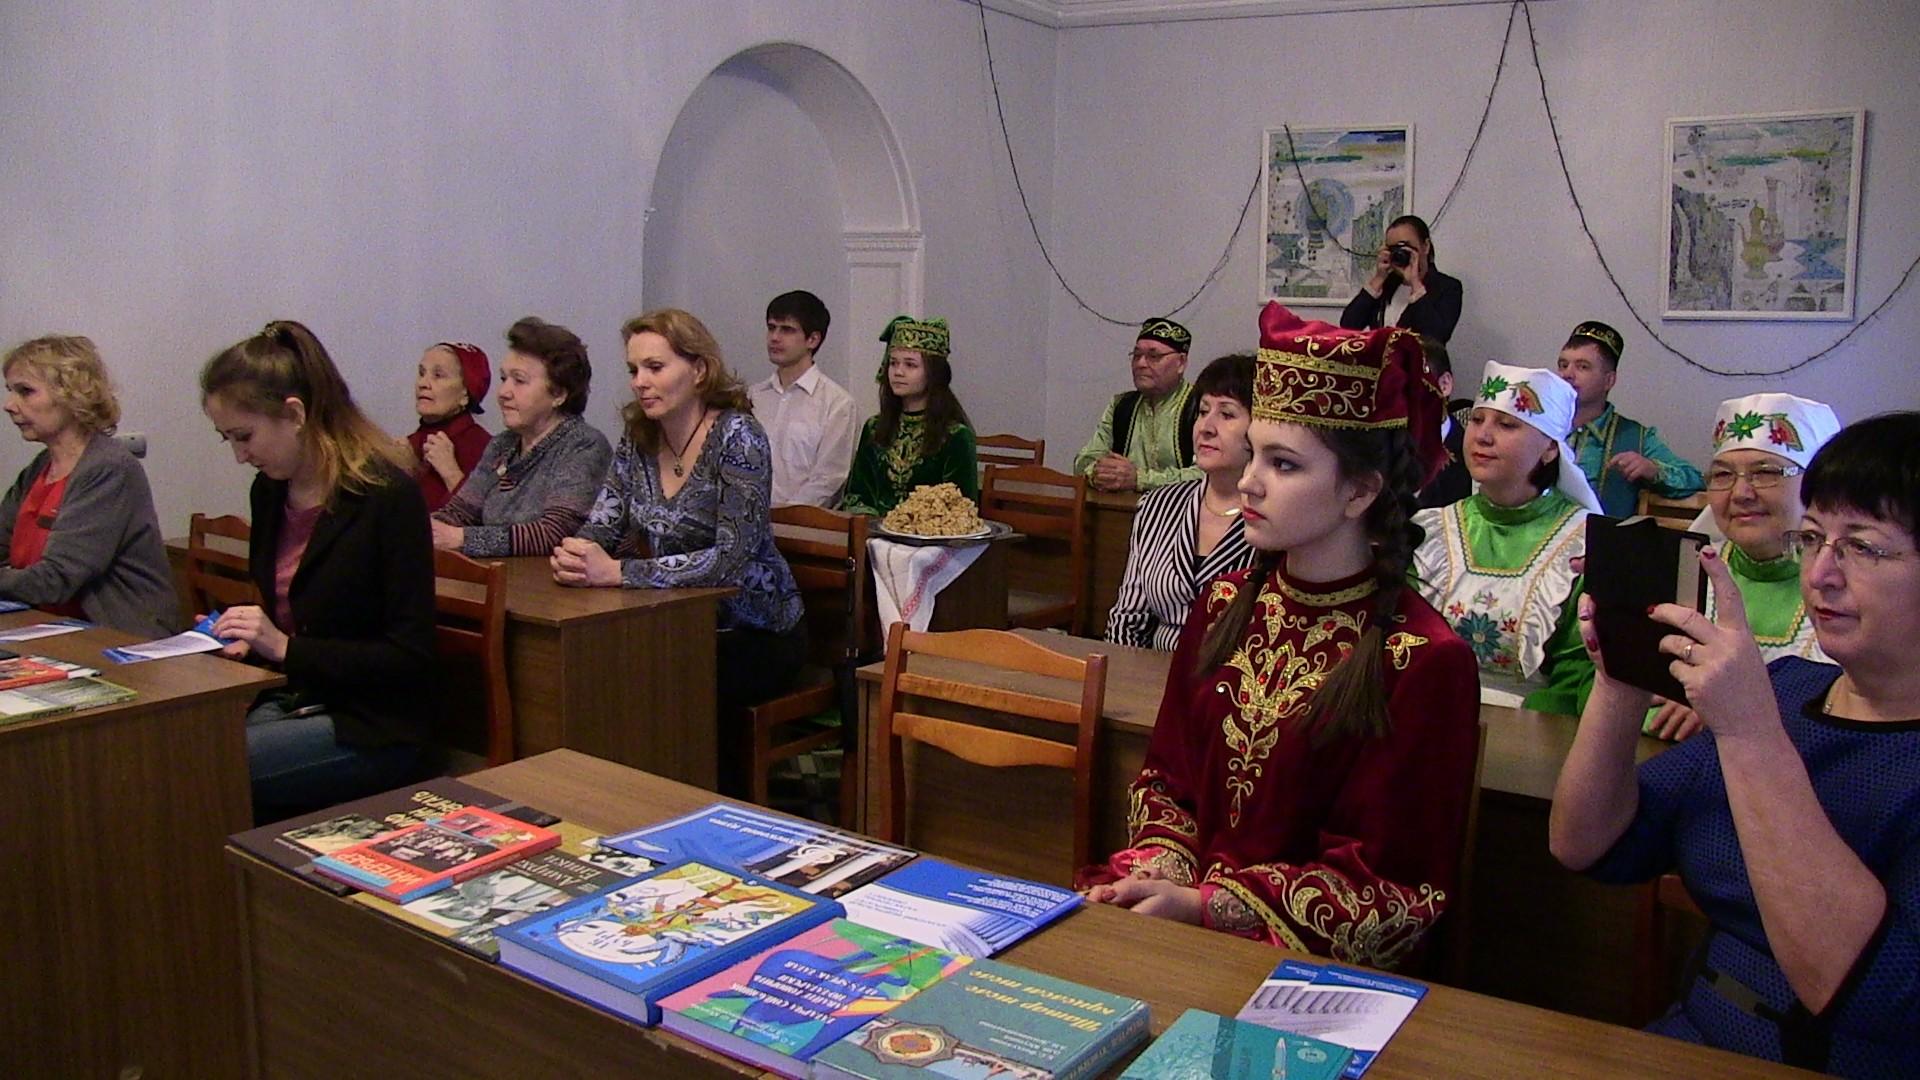 Обучение в екатеринбурге бесплатное заочное обучение схема периодизации эволюции систем в специального образования западной европе и россии